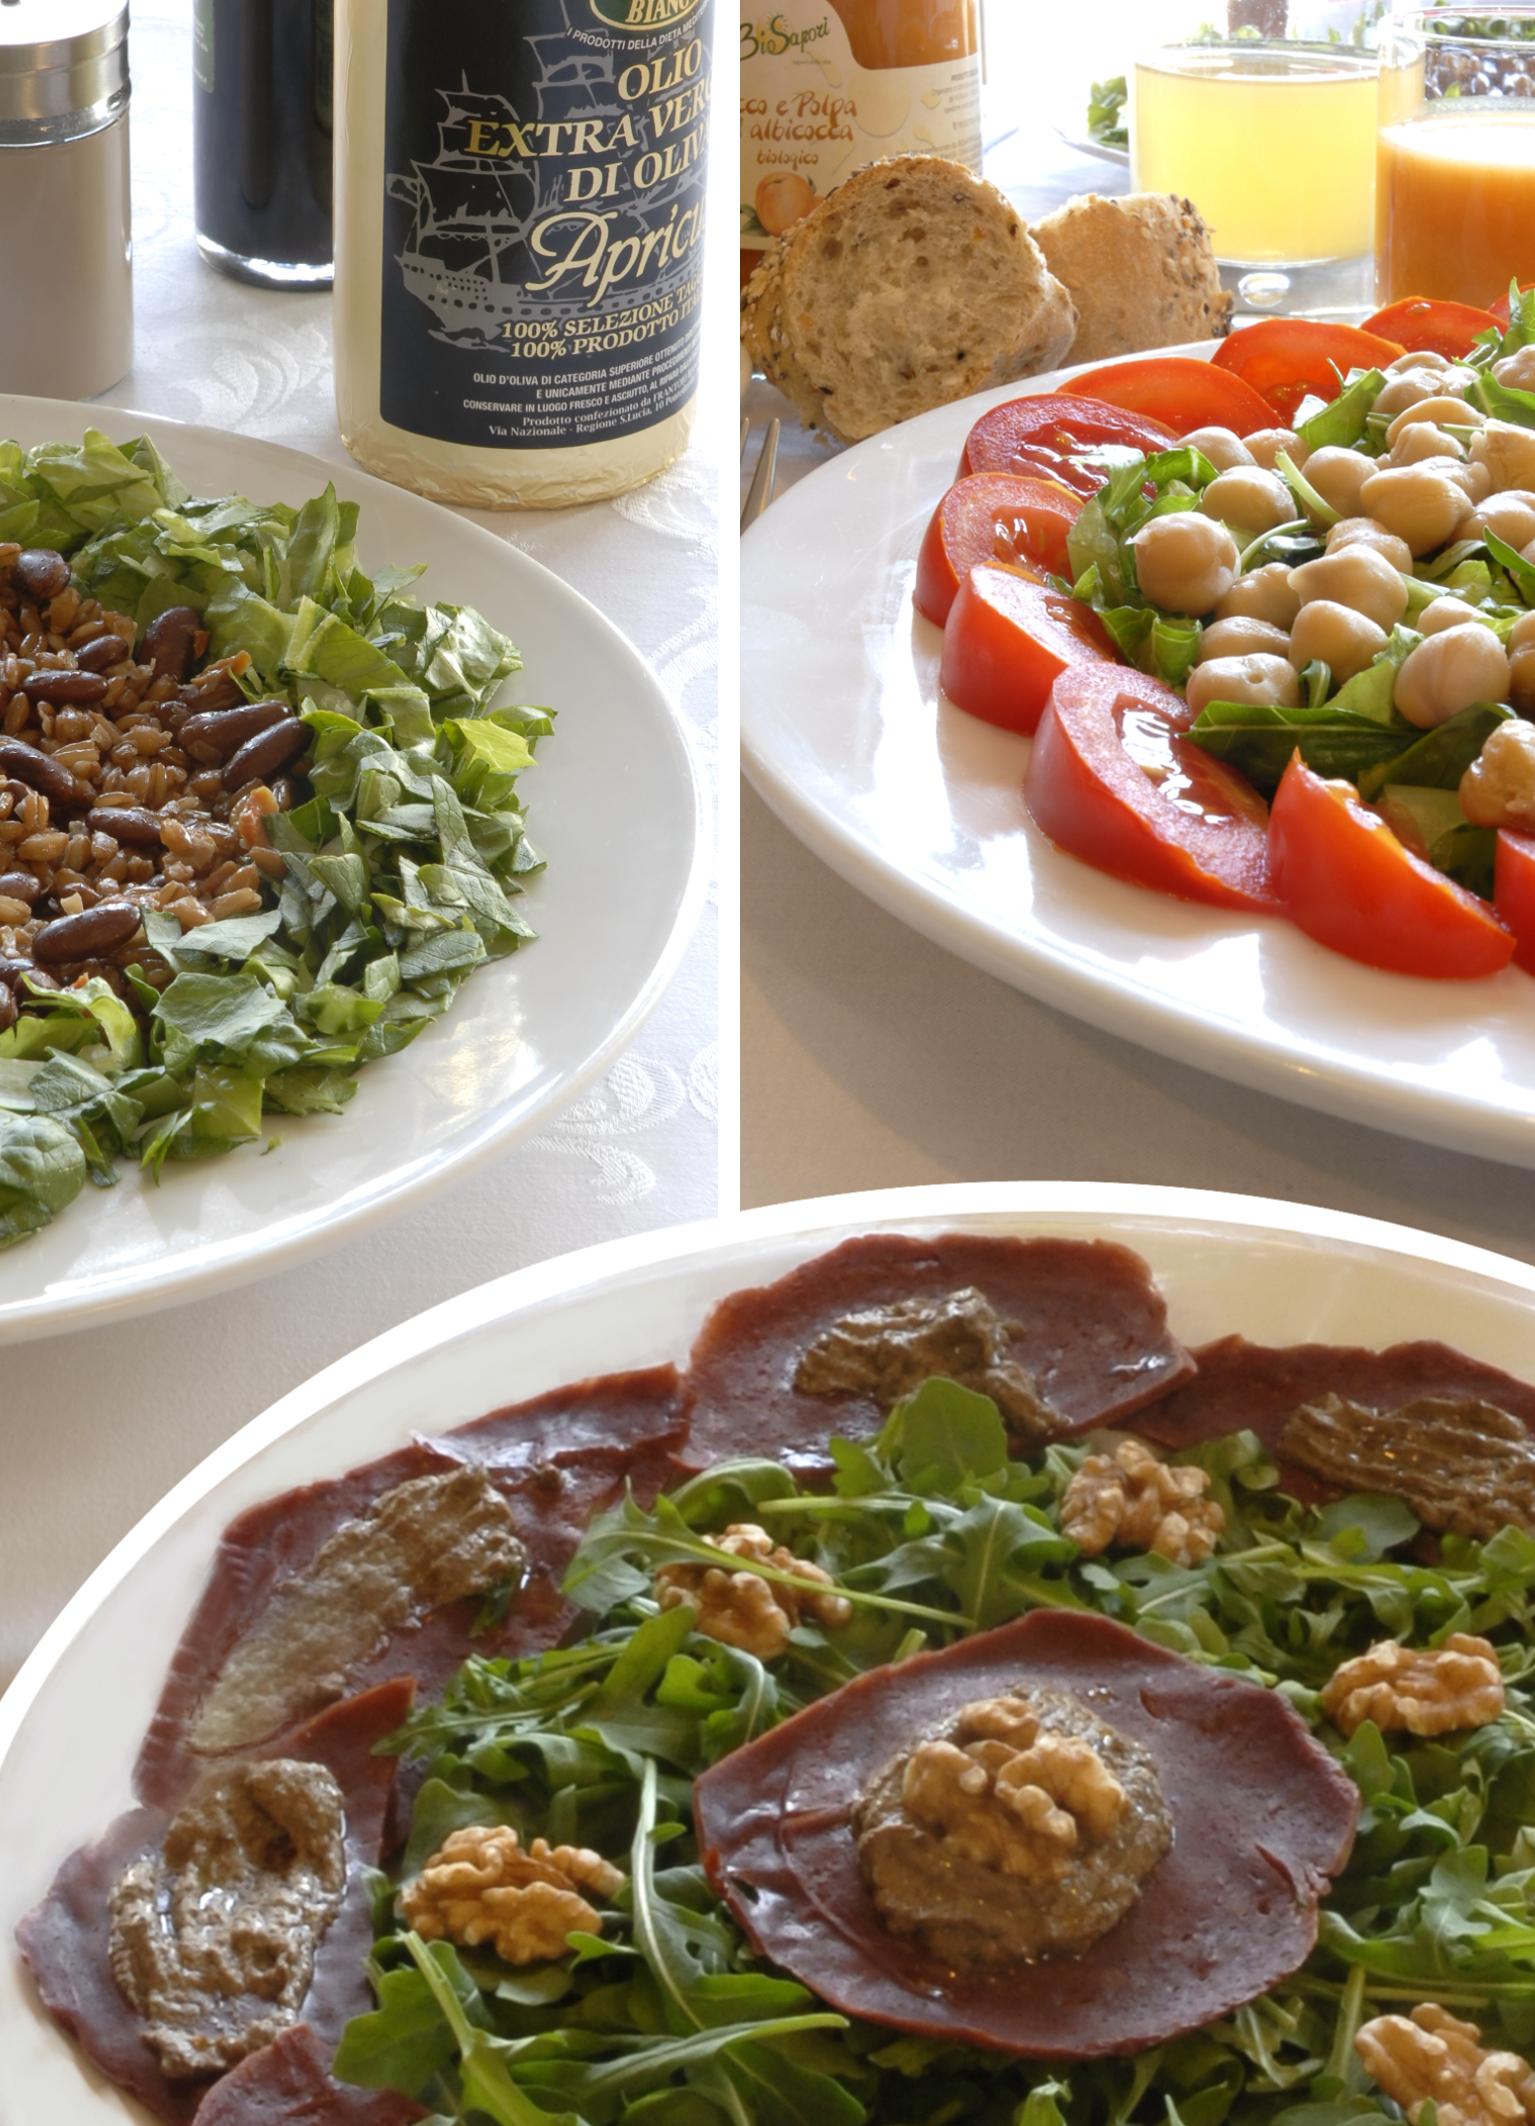 La Papperia prodotti tipici Alzate brianza (COMO) Piatti del benessere bio, alimentazione vegana foto menù